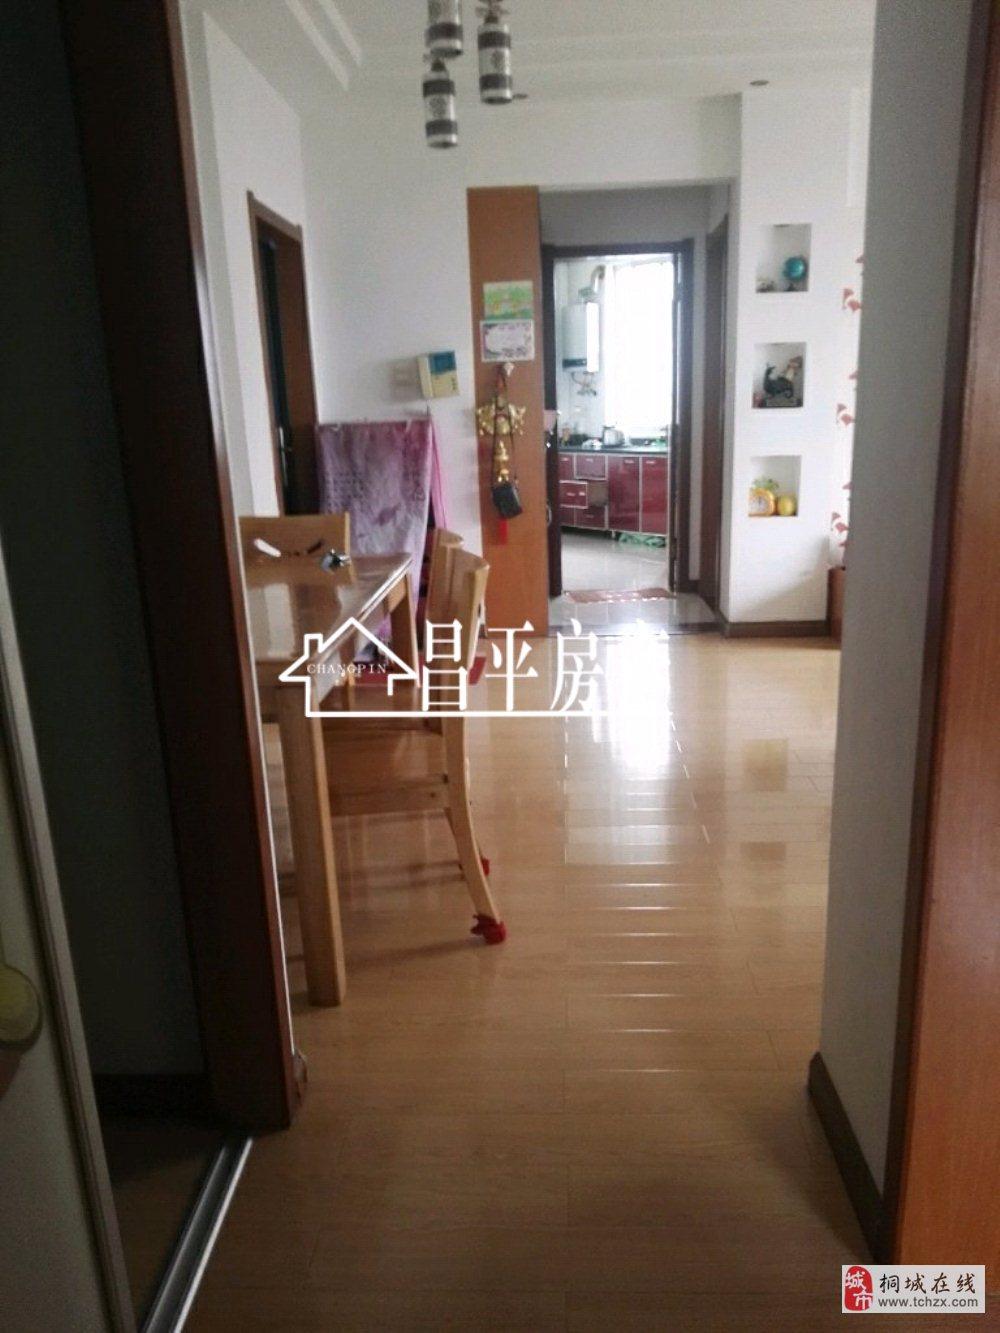 东苑新村精装房低价出售户型好家具家电齐全上学方便